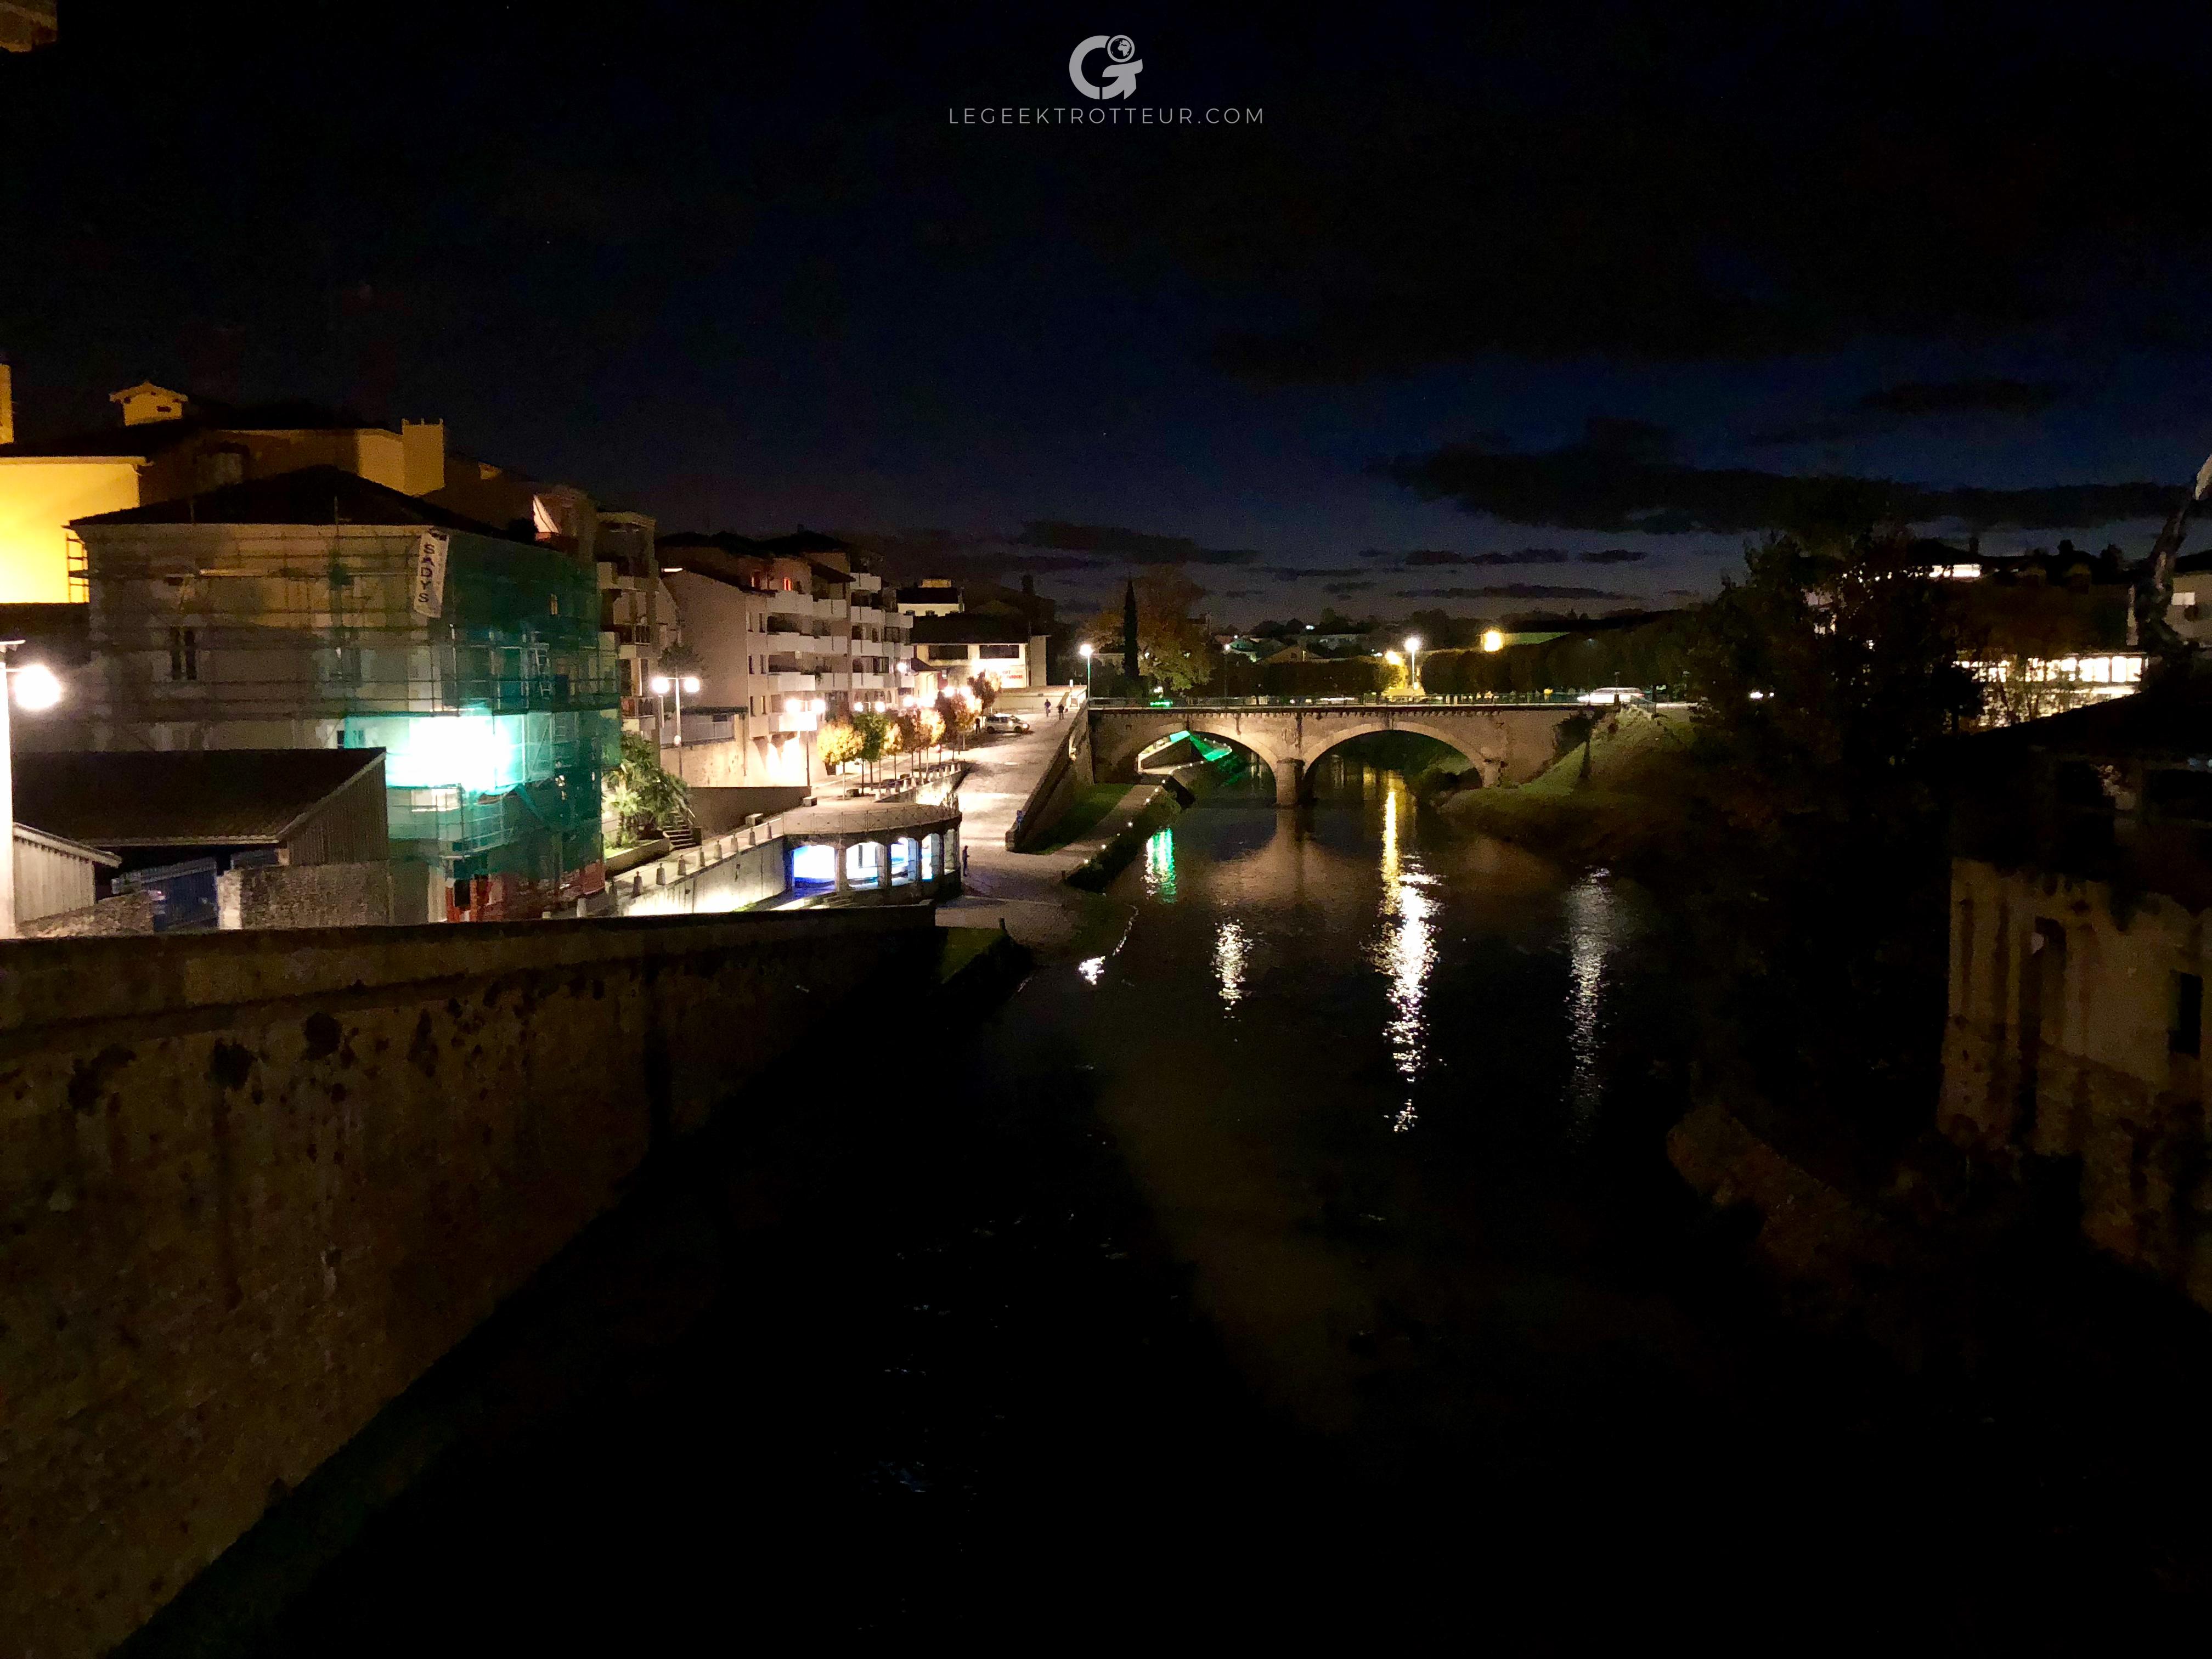 Photo de nuit prise à l'iPhone X